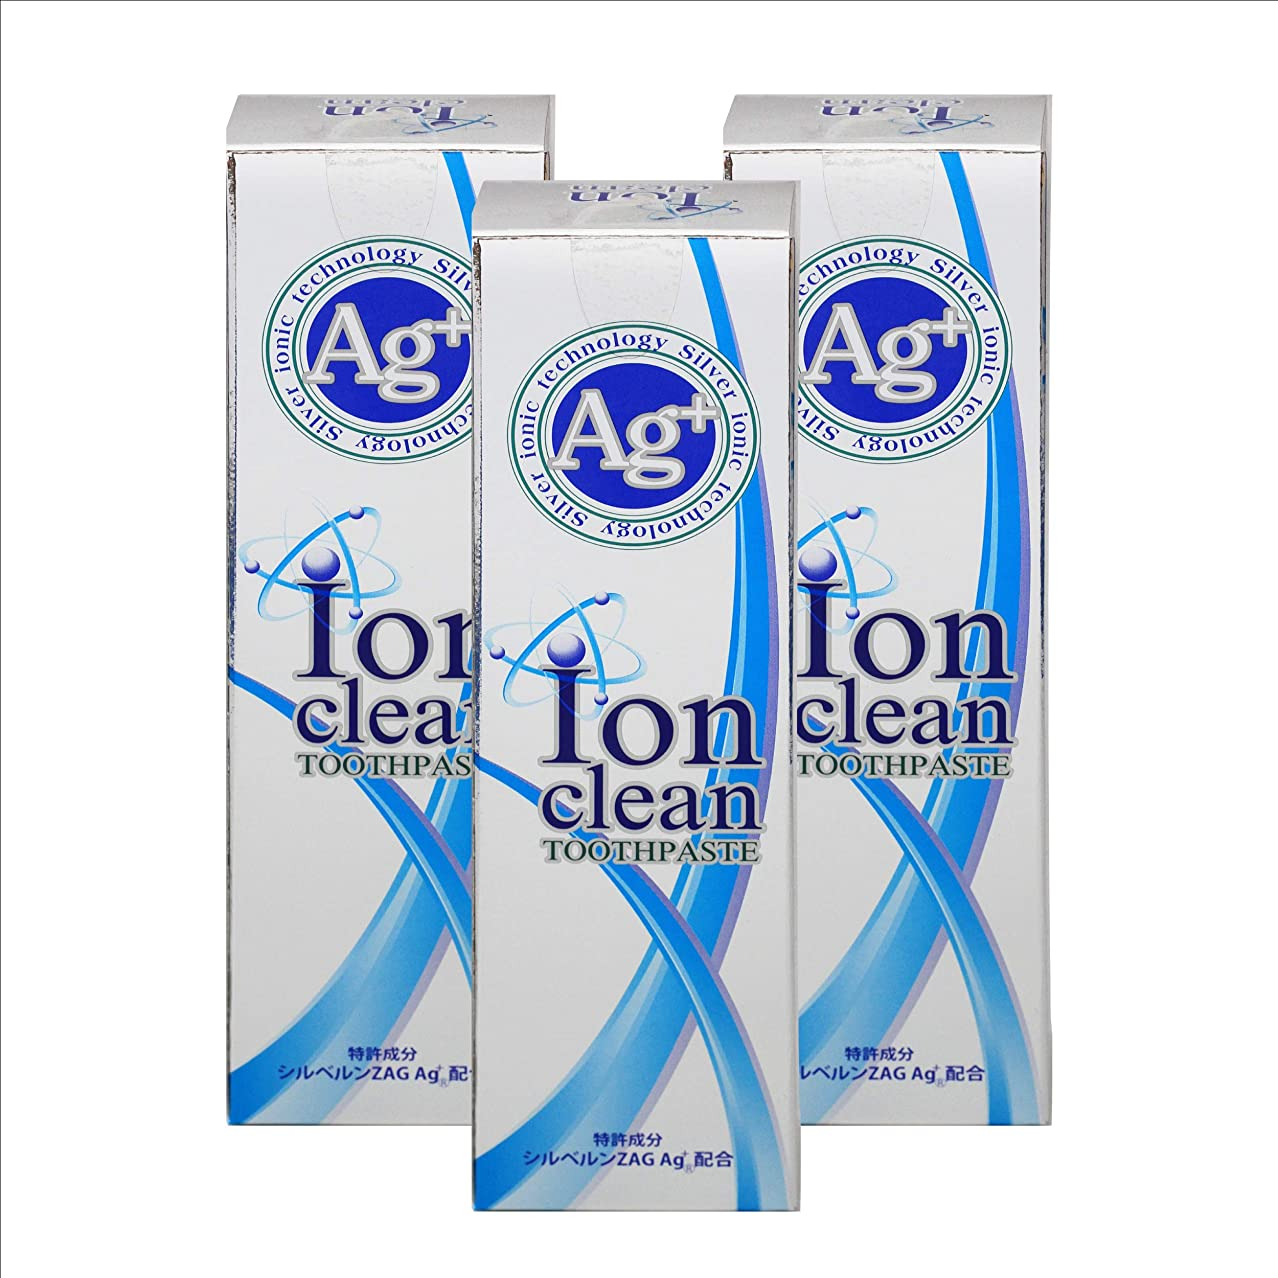 平衡ミケランジェロ局銀イオン配合歯磨き粉イオンクリーン 100g 3本セット(電動歯ブラシ特典つき) 口臭対策?歯周病ケアにおすすめ